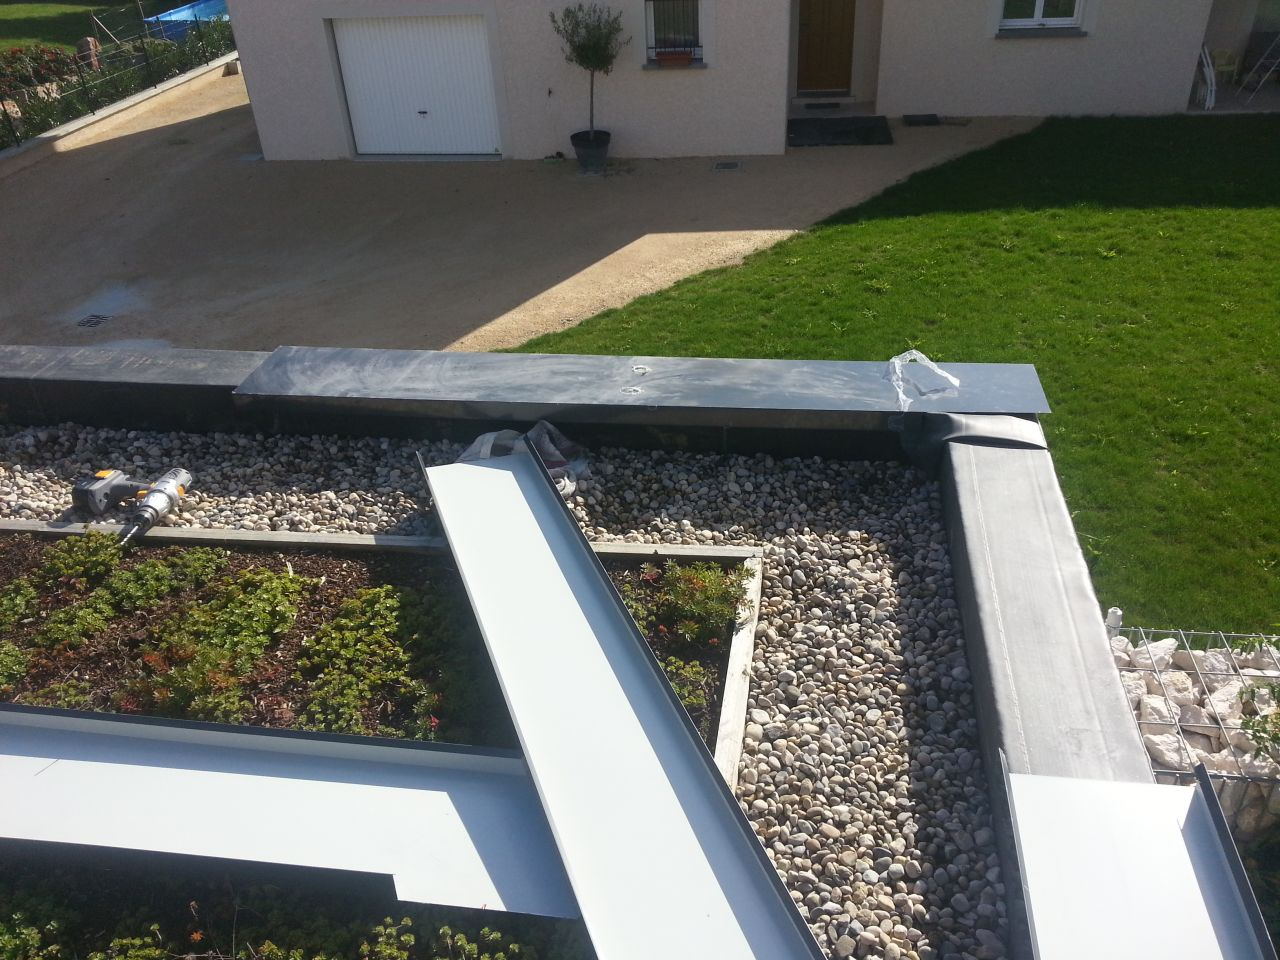 Suite des travaux ammenagements exterieurs vaulx milieu for Abris de jardin ral 7016